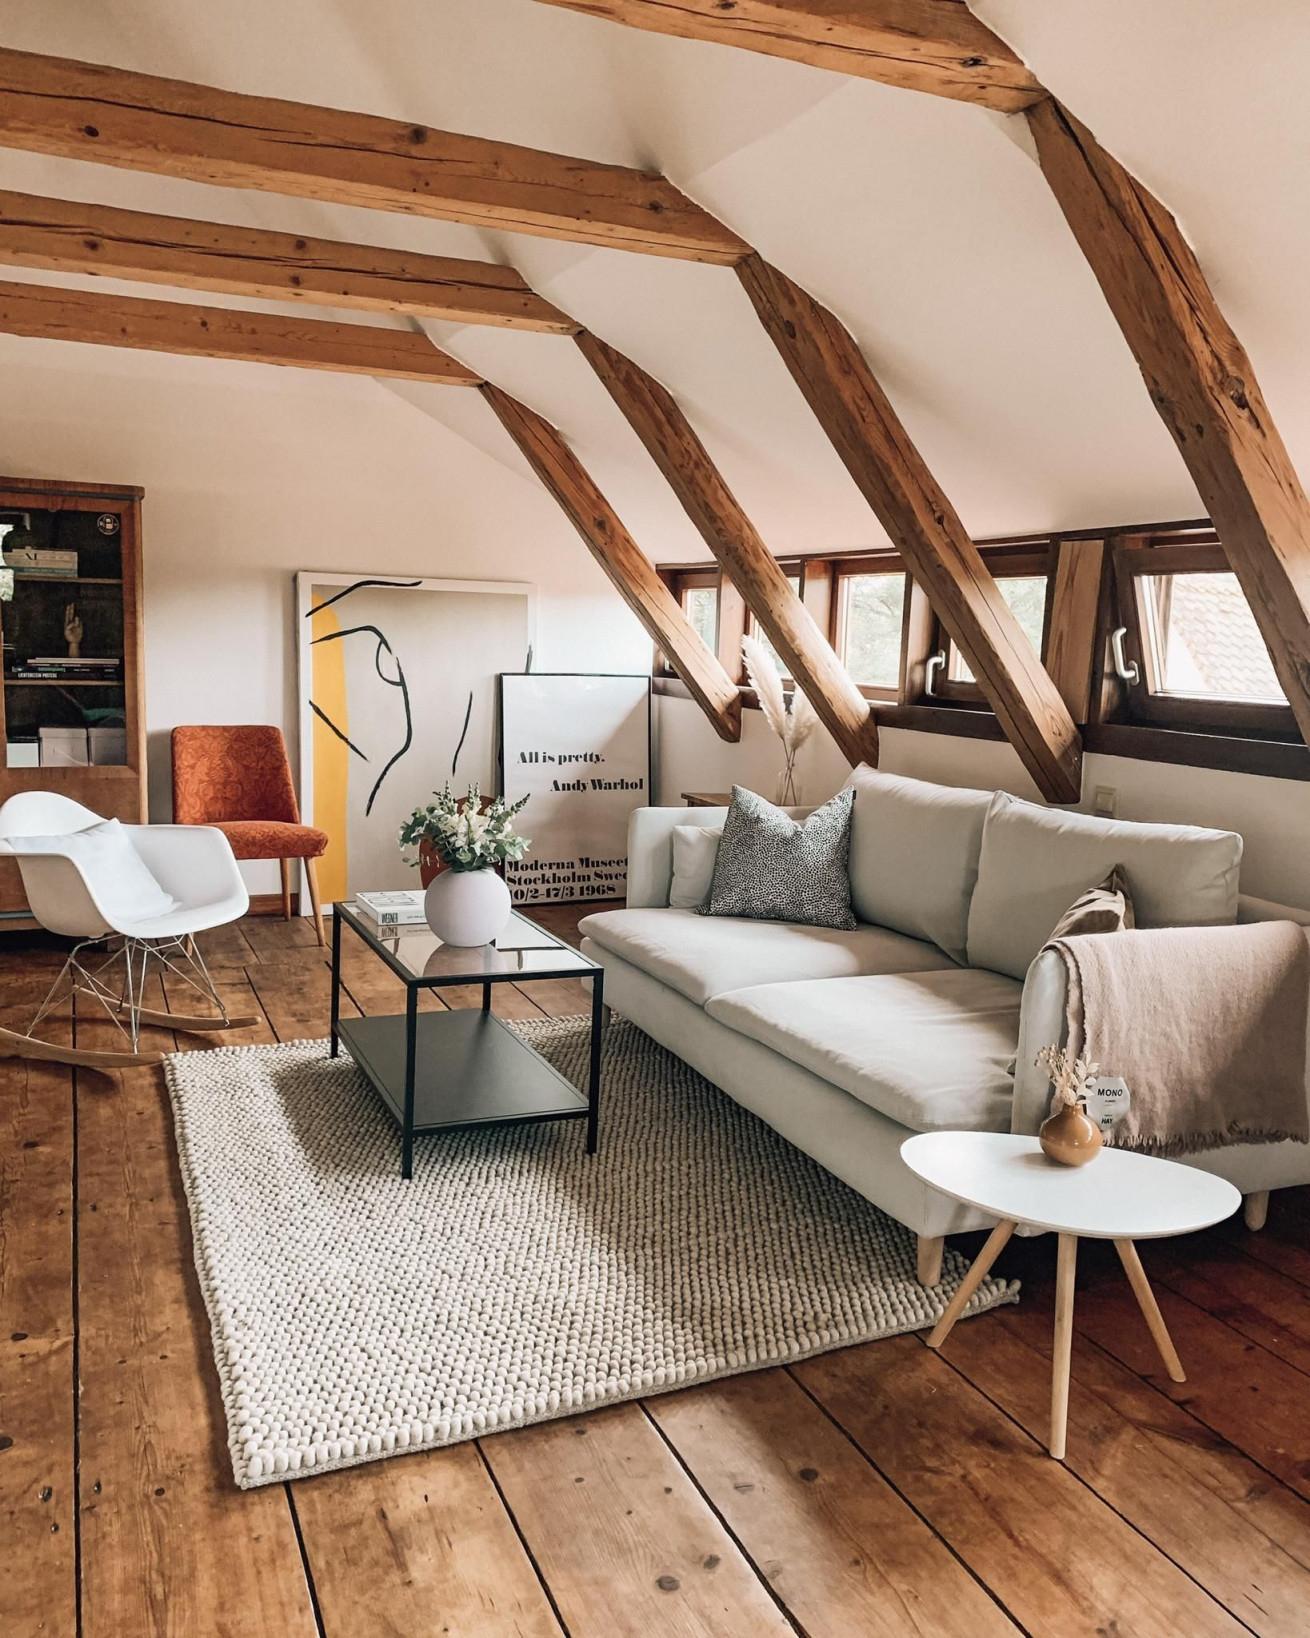 Balkenliebe Wohnzimmer In Der Letzten Zeit Habe  In 2020 von Wohnzimmer Dachgeschoss Gestalten Photo